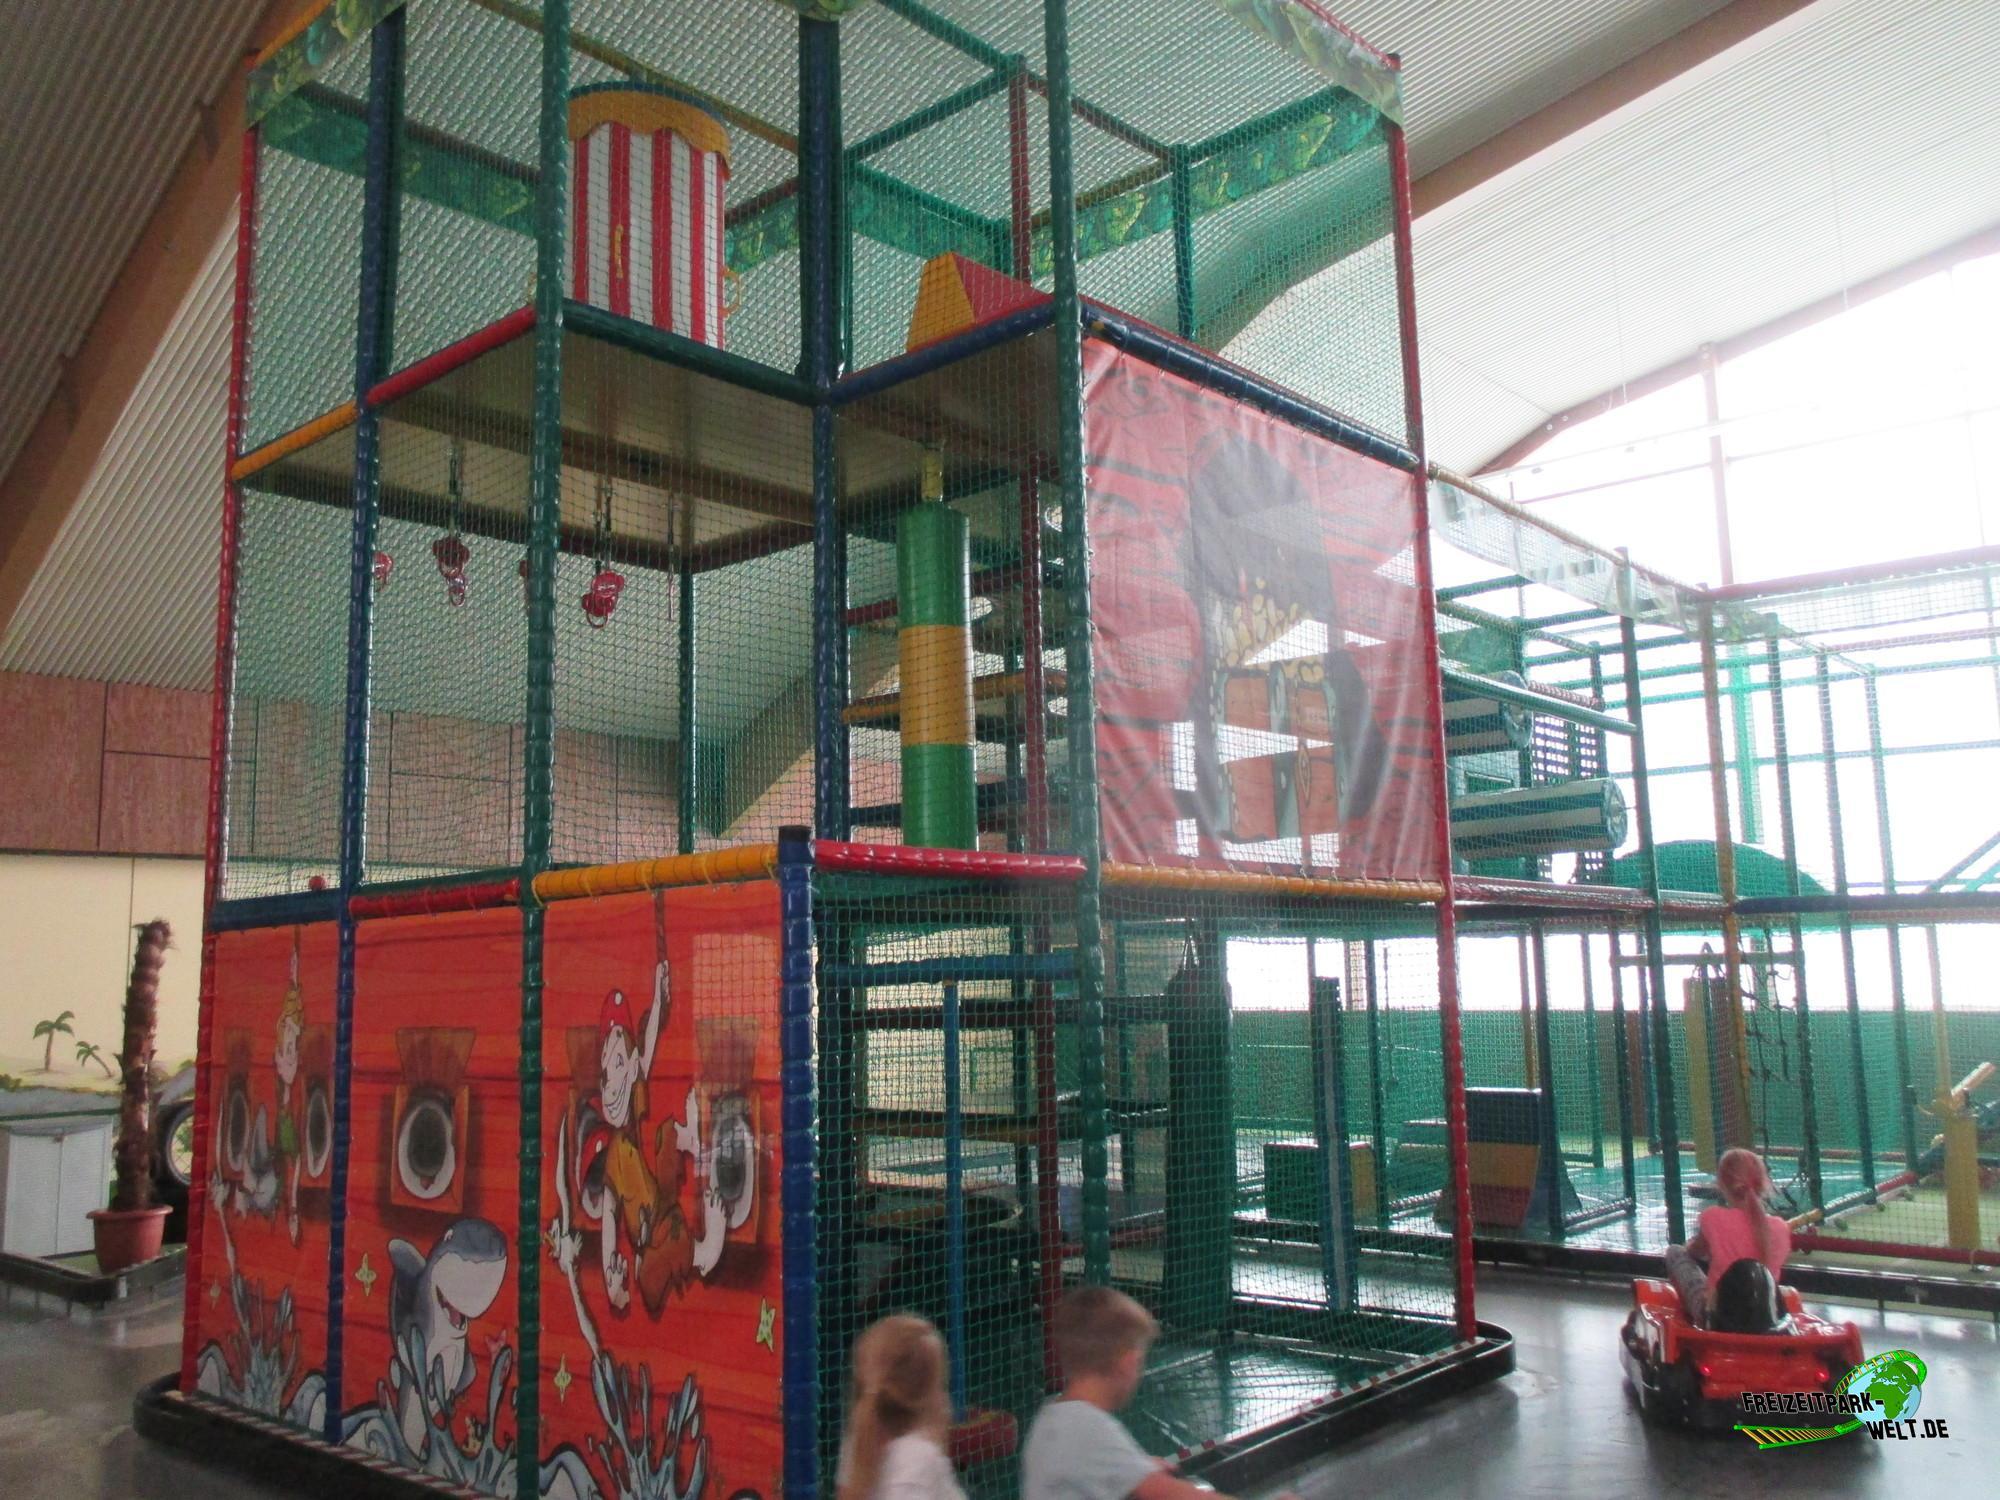 playground piratenland neuwied freizeitpark. Black Bedroom Furniture Sets. Home Design Ideas